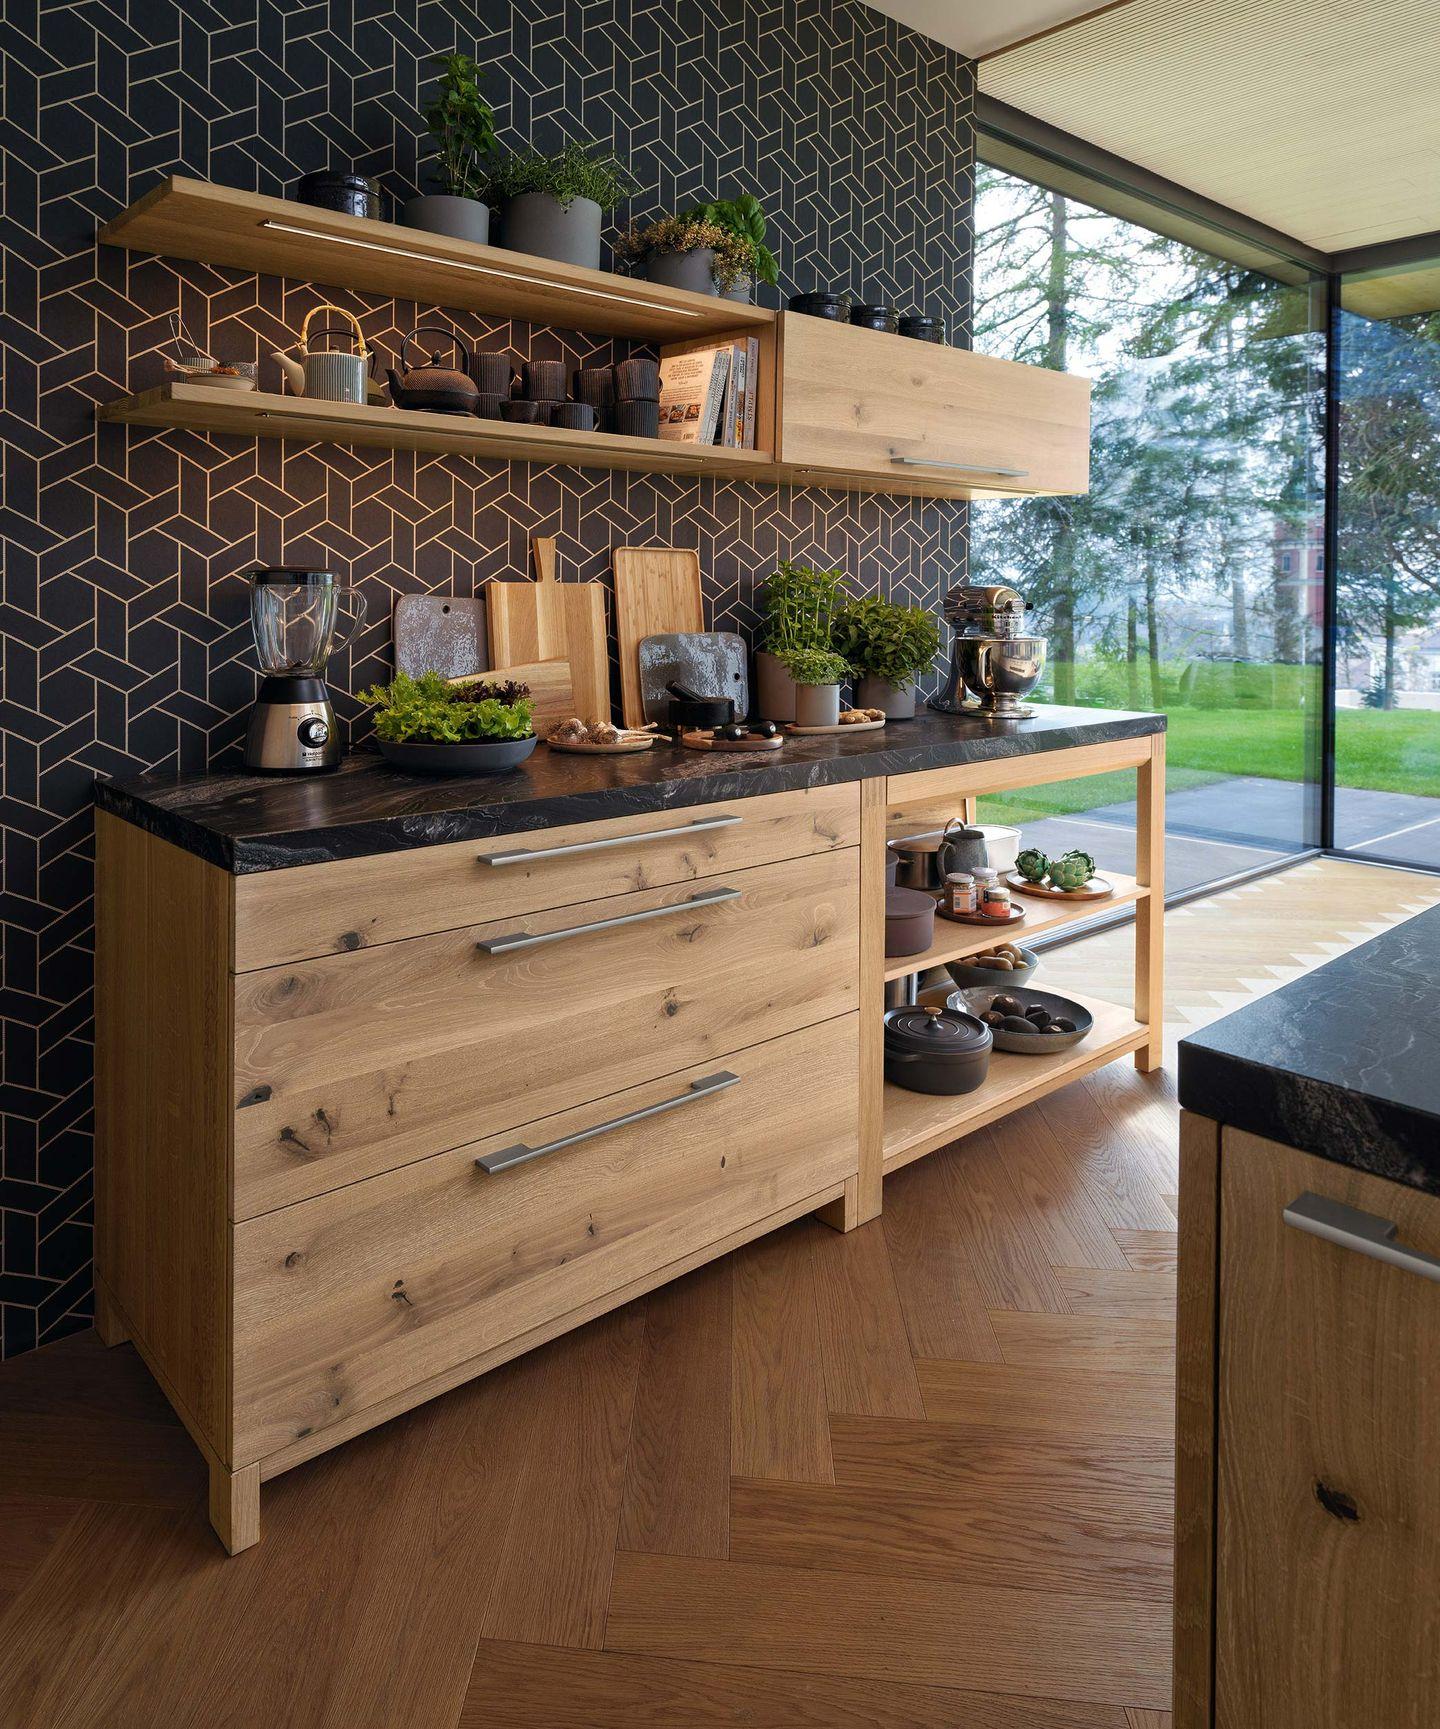 partie de la cuisine loft avec étagère et élément haut